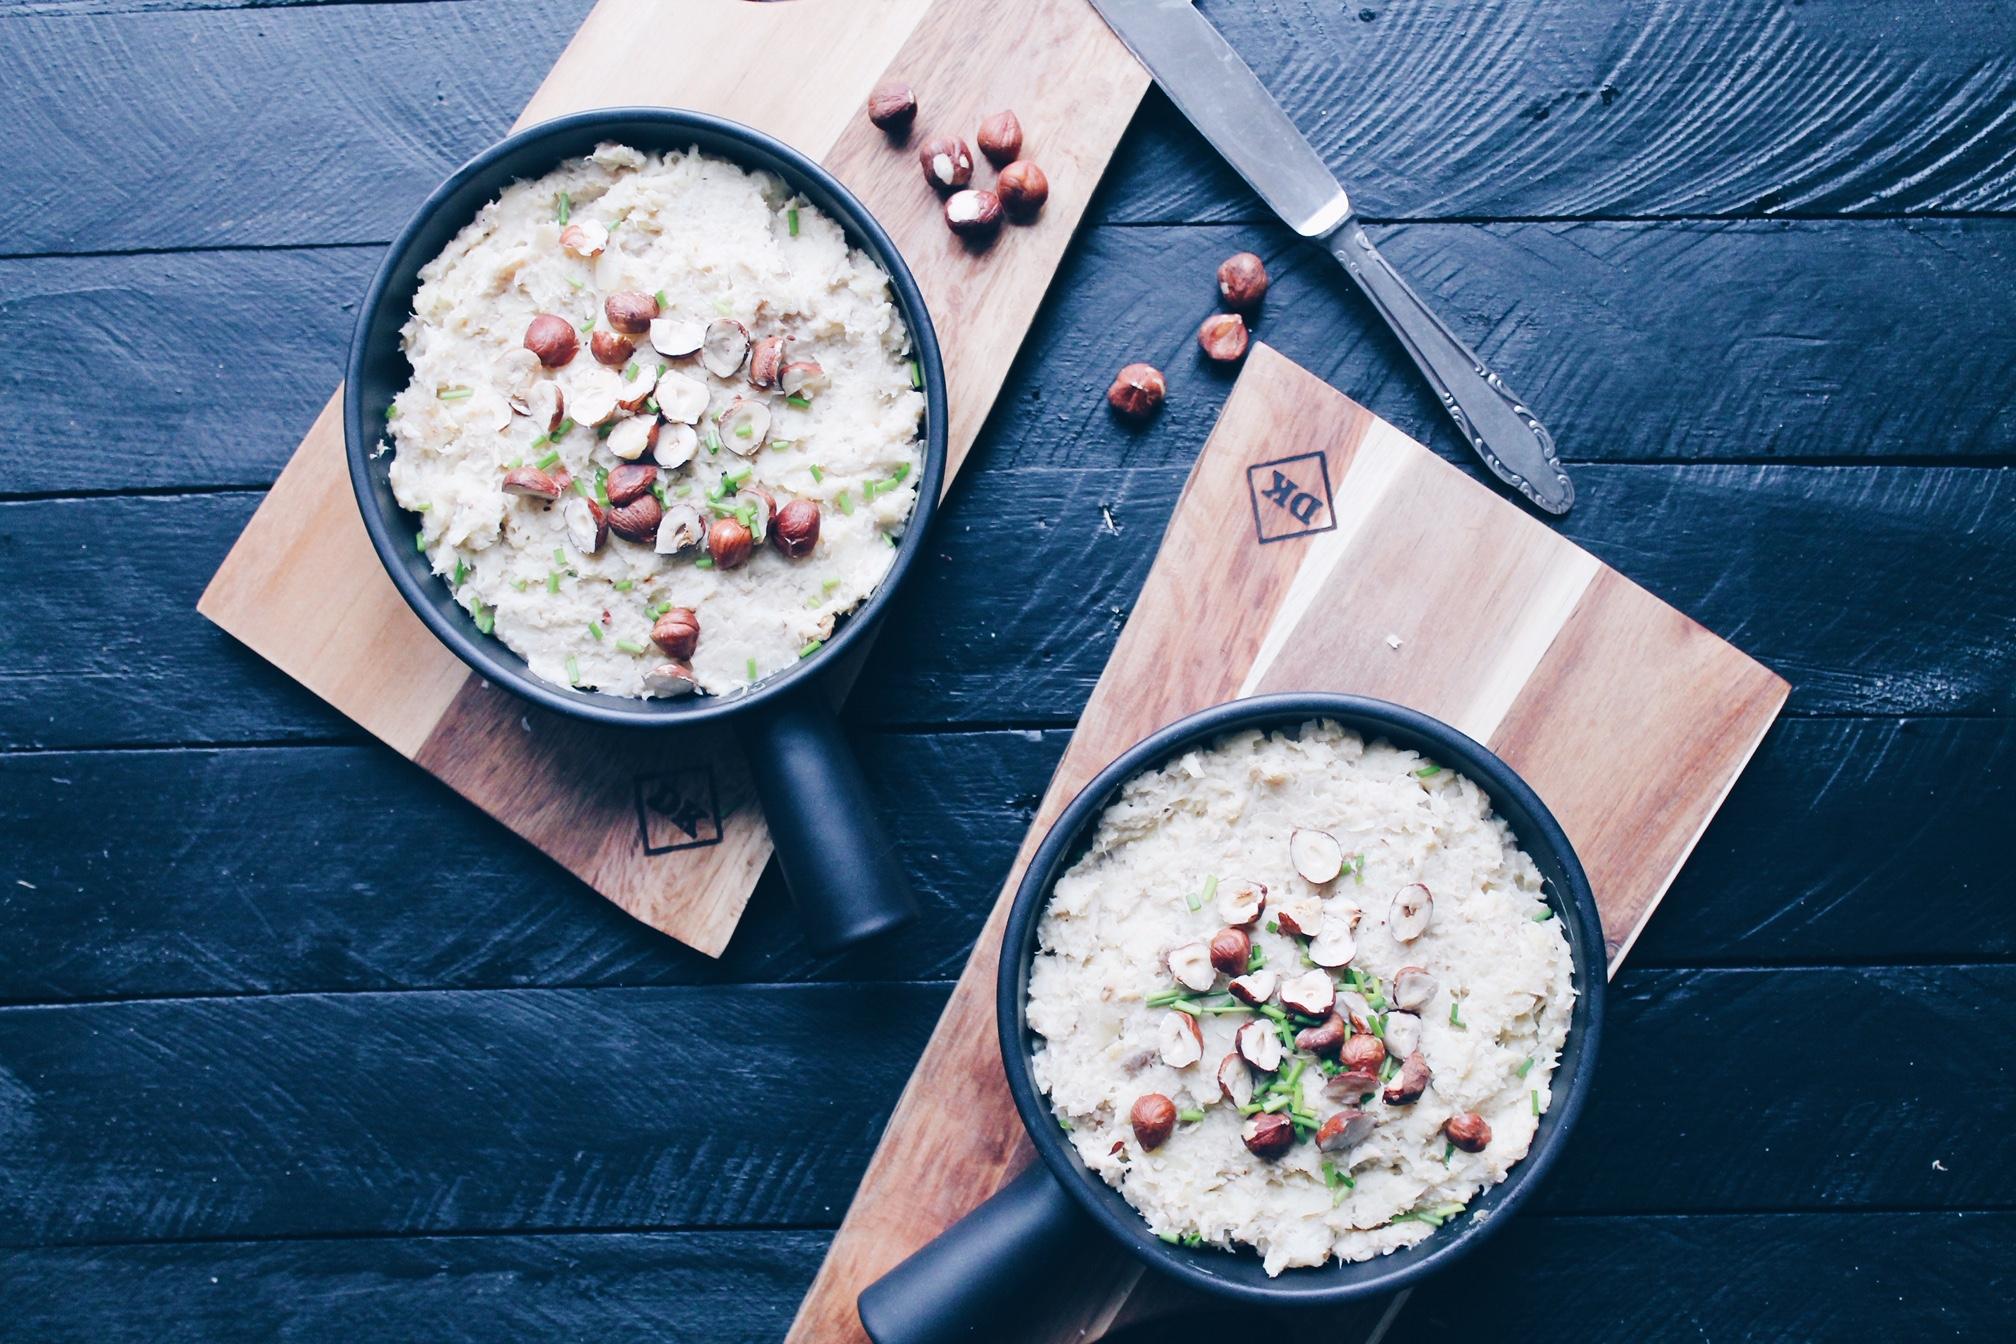 Recette de parmentier à la purée de panais et de céleri-rave, moutarde et protéines de soja sur le blog laualamenthe.com